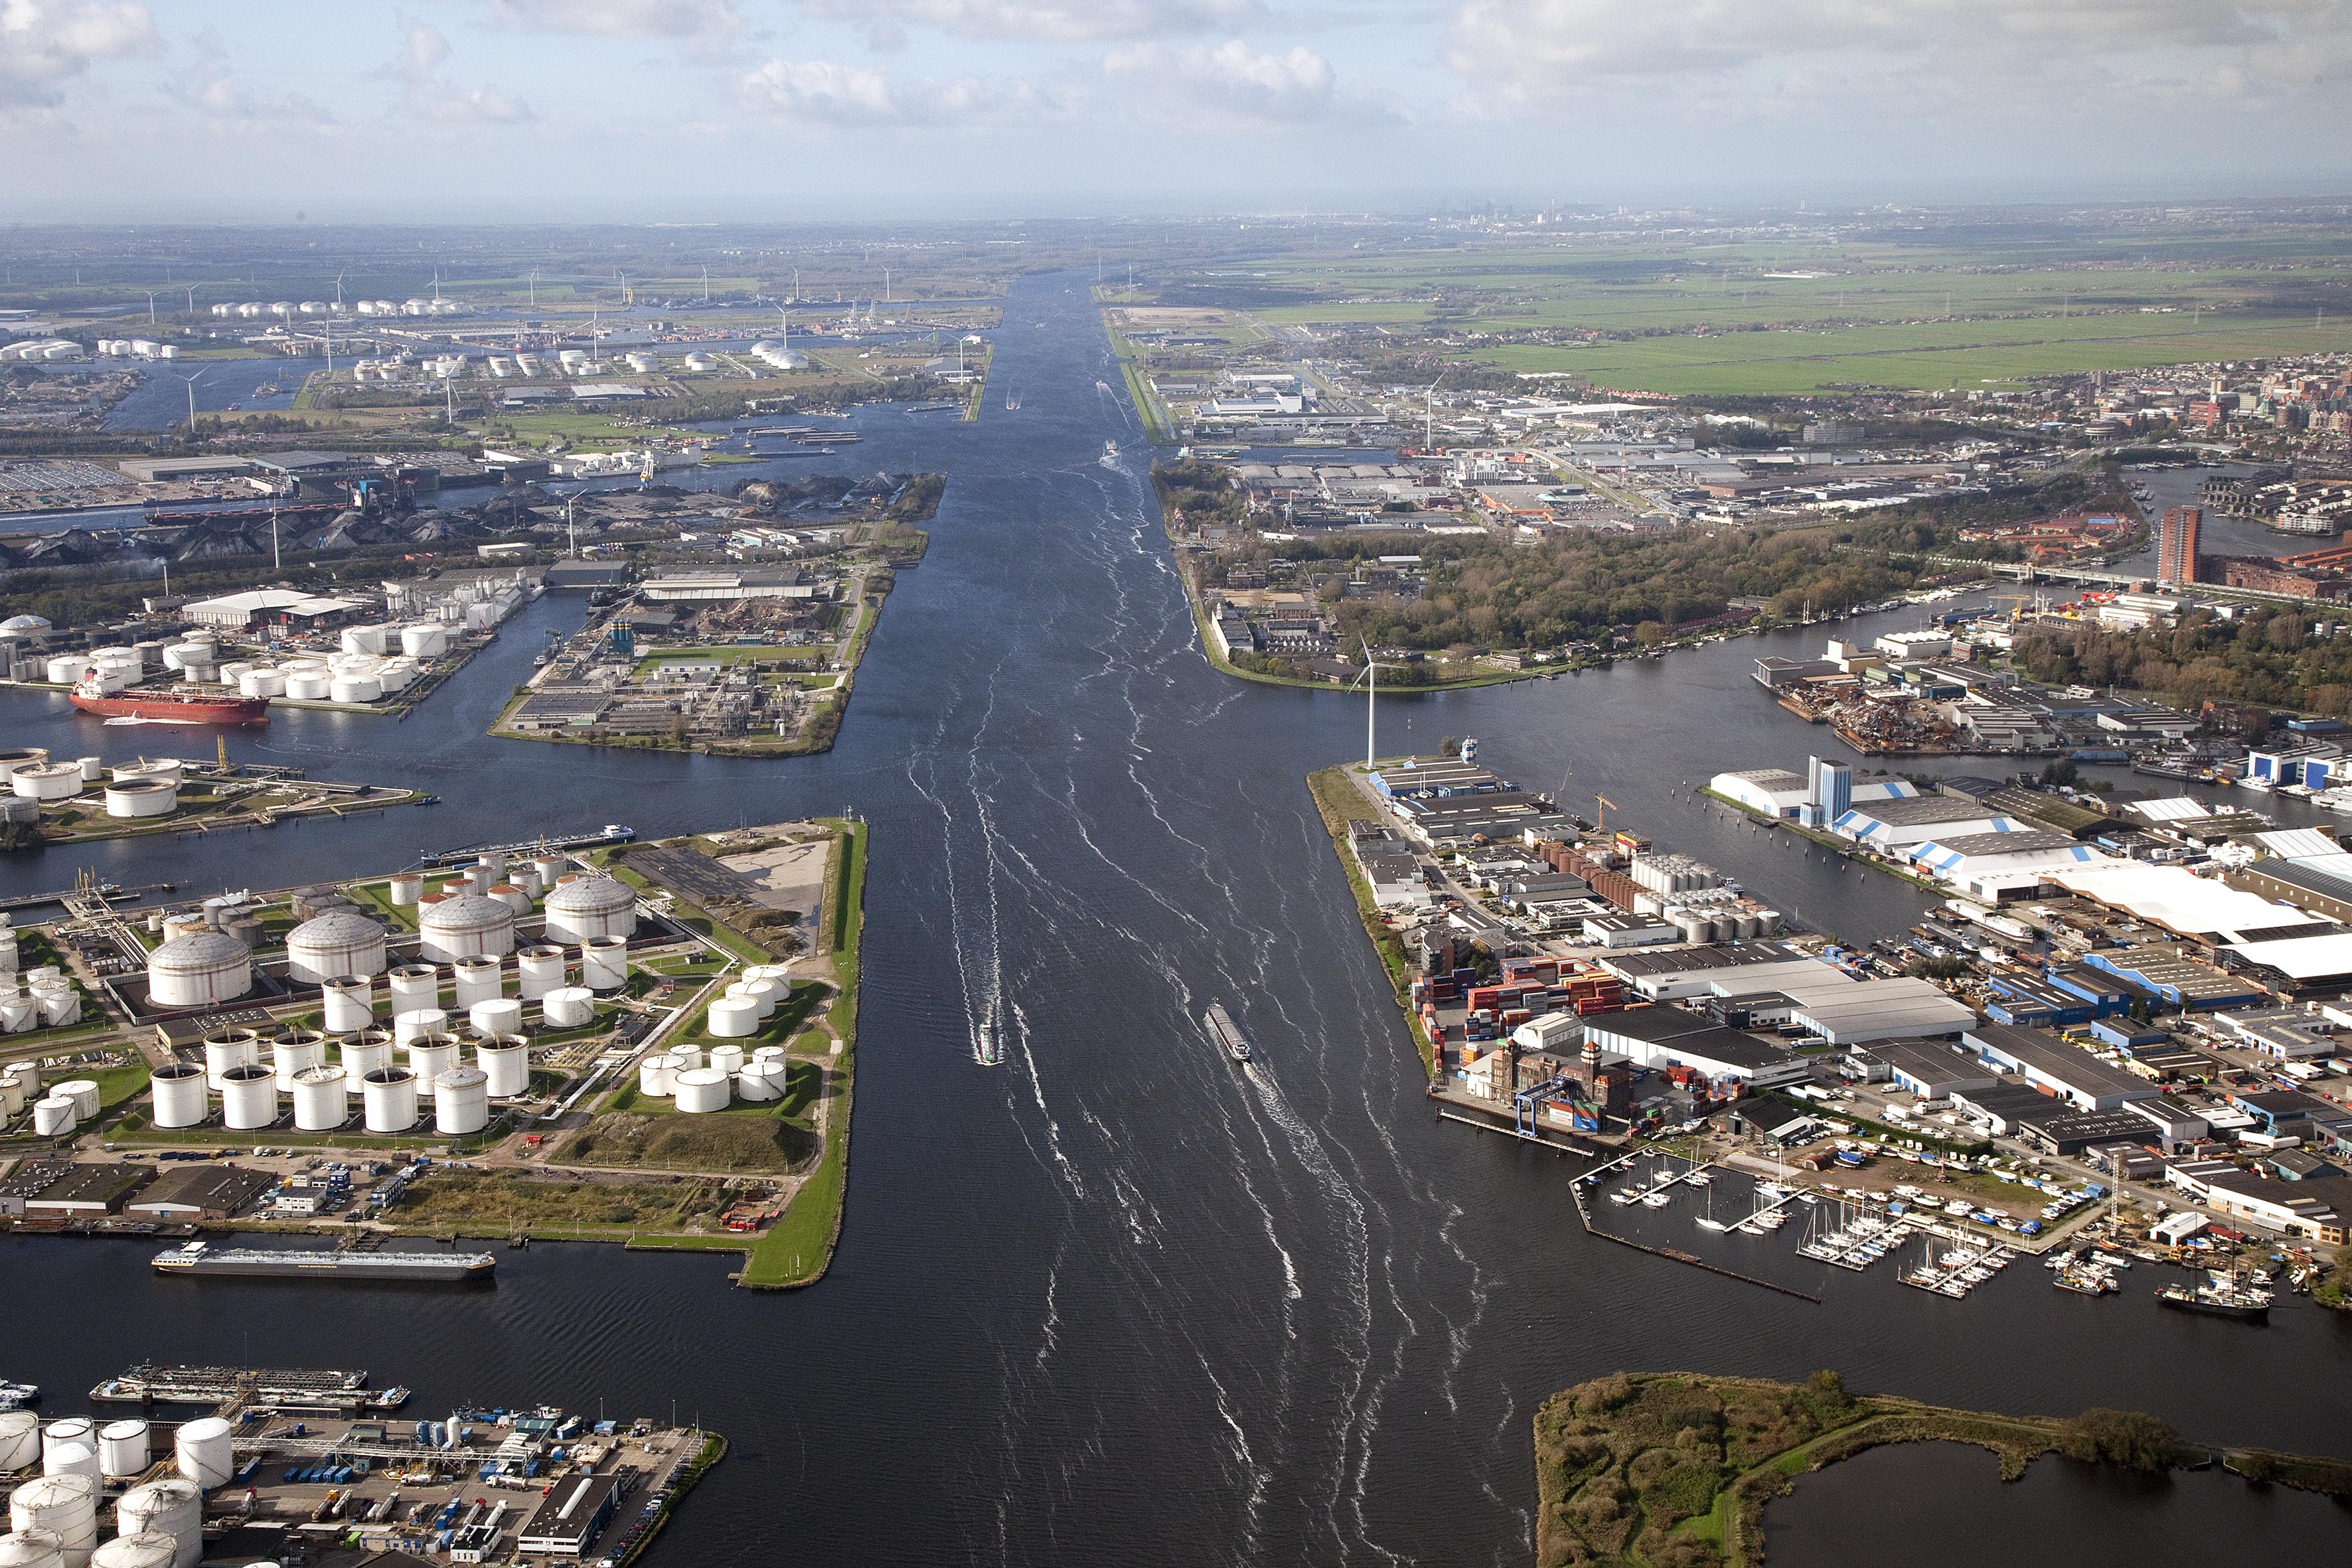 Sfeerafbeelding van de haven van Amsterdam